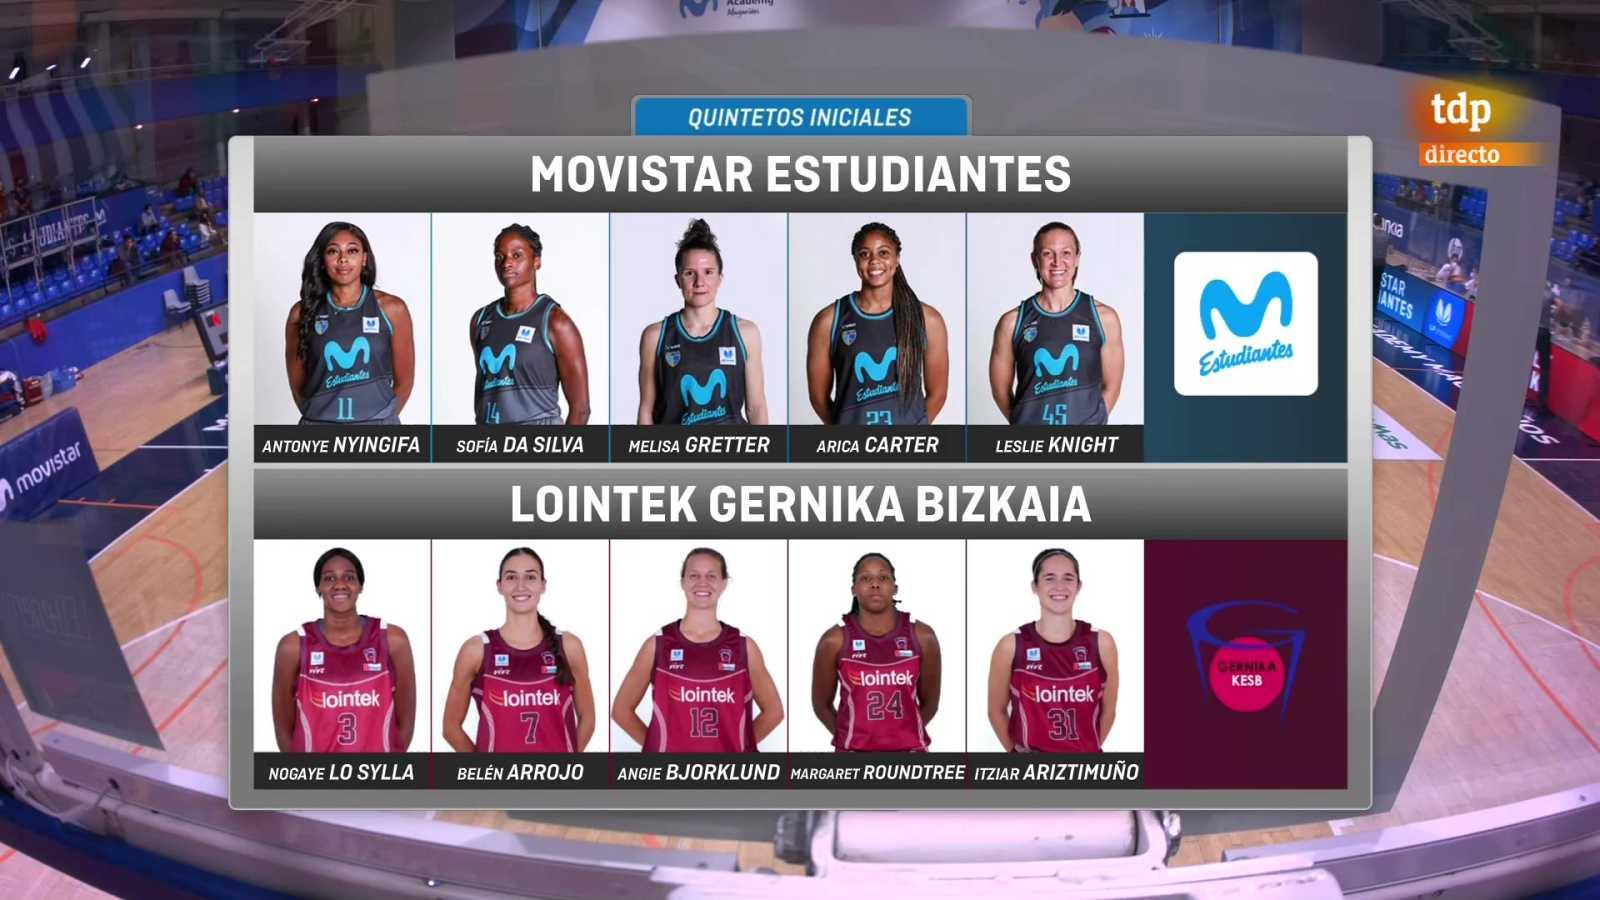 Baloncesto - Liga femenina Endesa. 25ª jornada: Movistar Estudiantes - Lointek Gernika - ver ahora